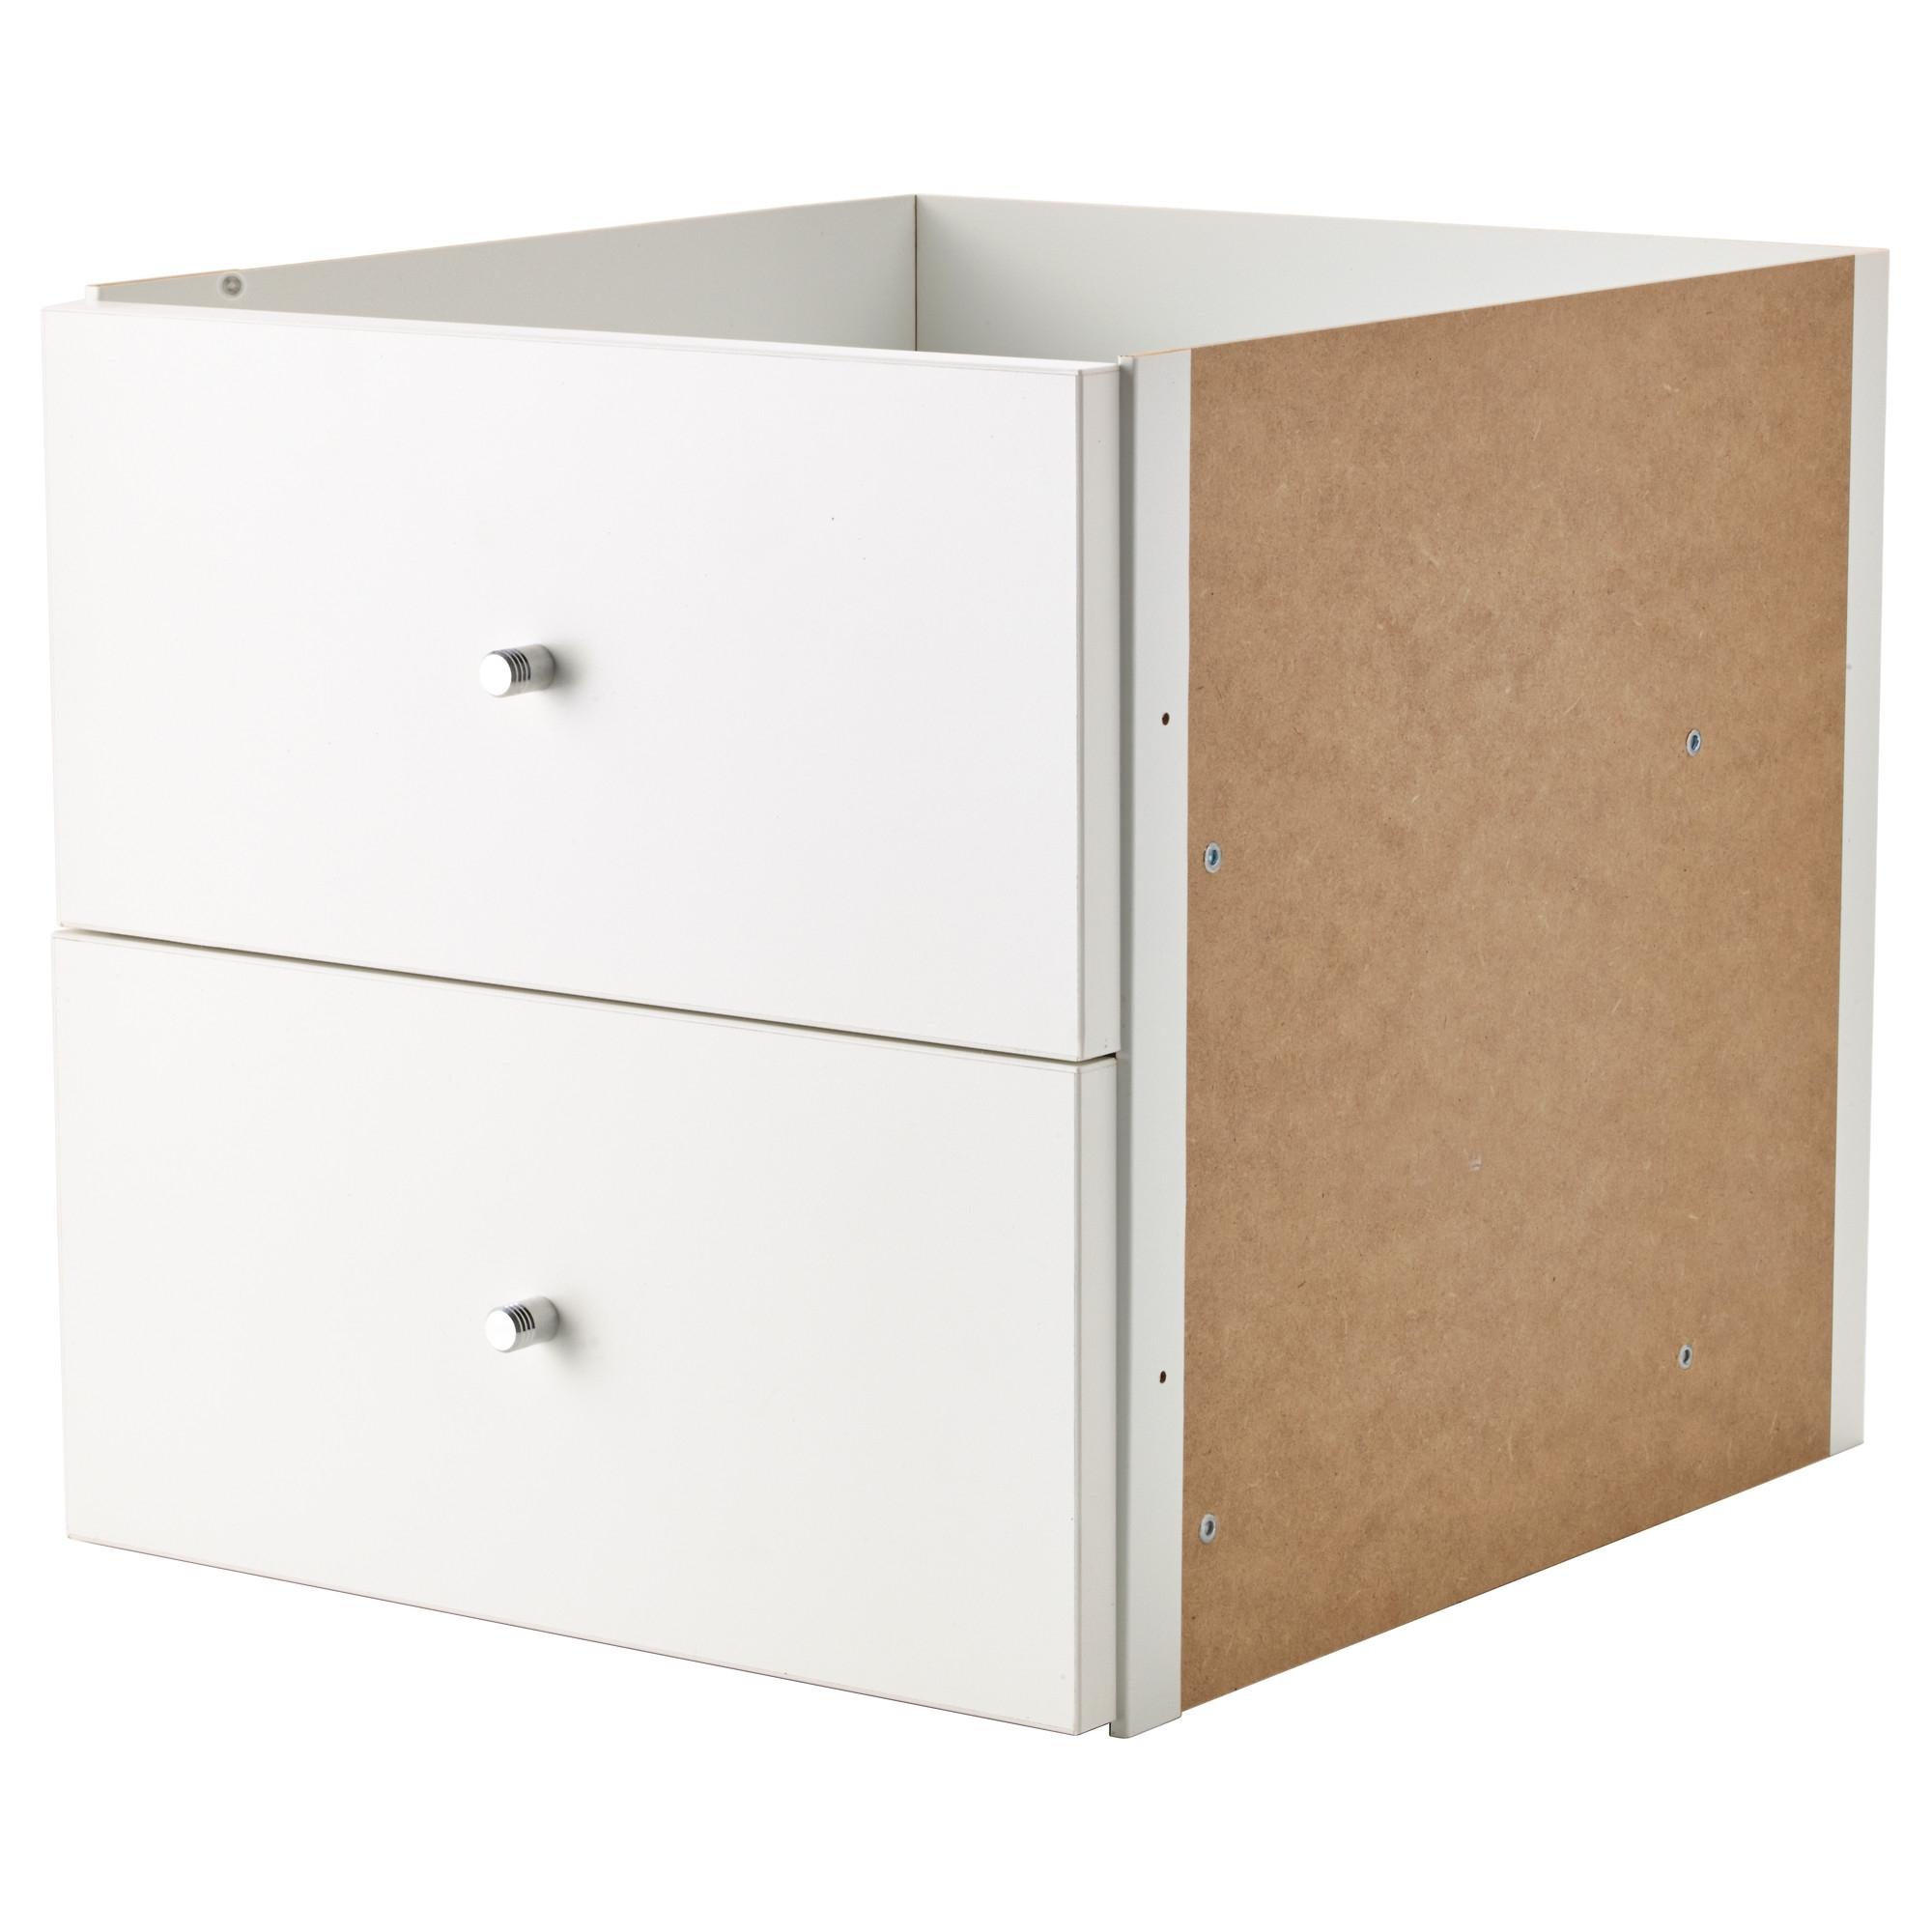 Kallax accesorio con 2 cajones blanco - Accesorios kallax ...